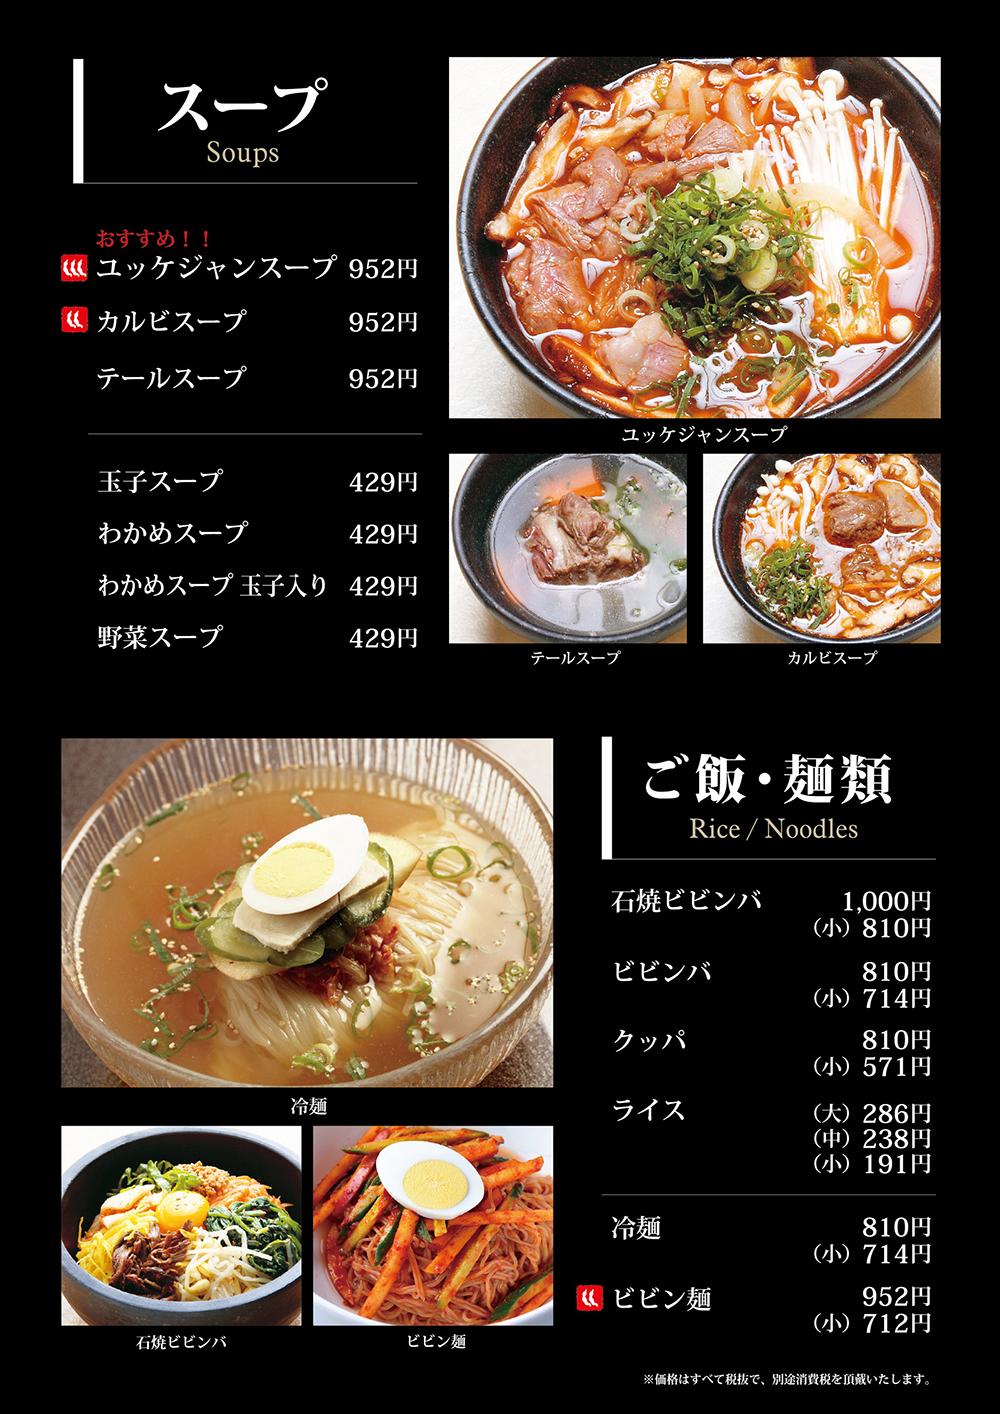 スープ・ごはんメニュー